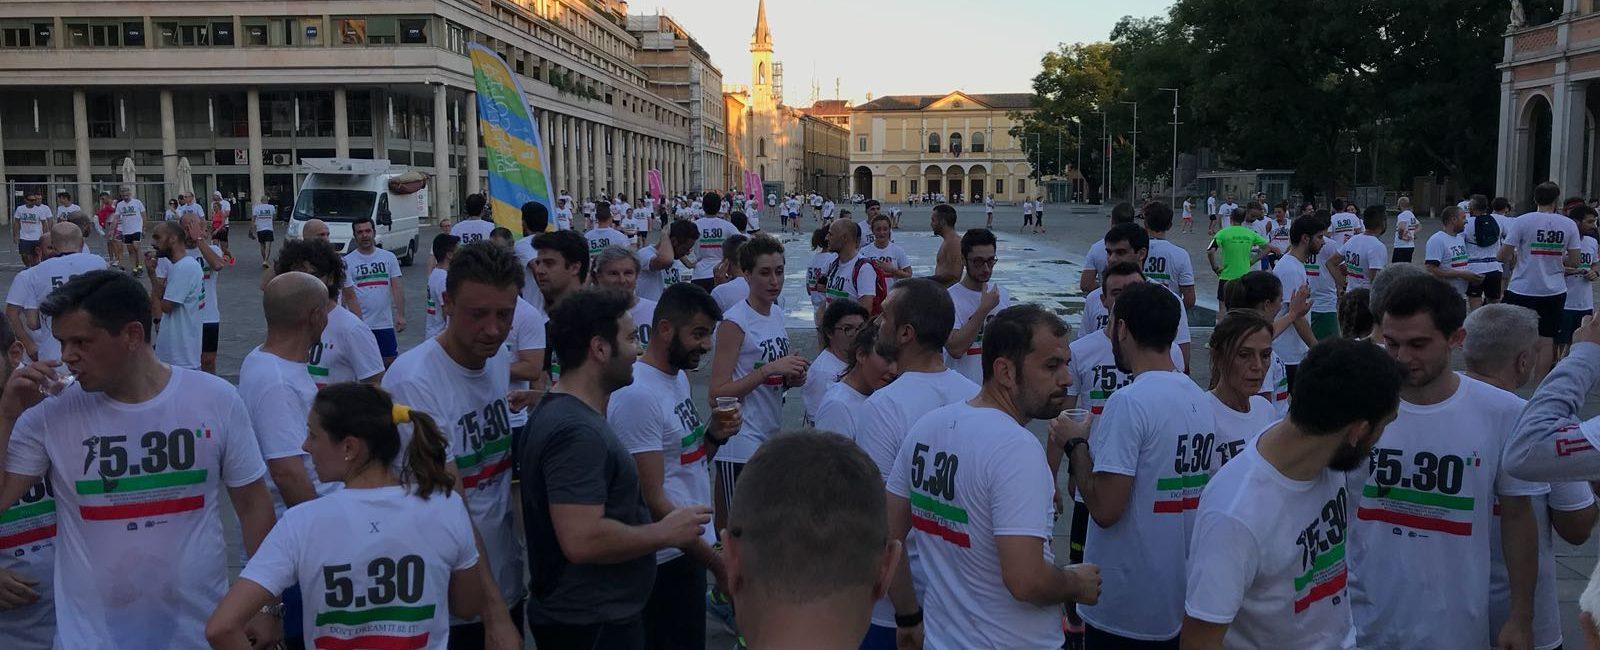 Calendario Corse Podistiche Lombardia.L Agenda Del Runner 89 Corse In Calendario Per Il Fine